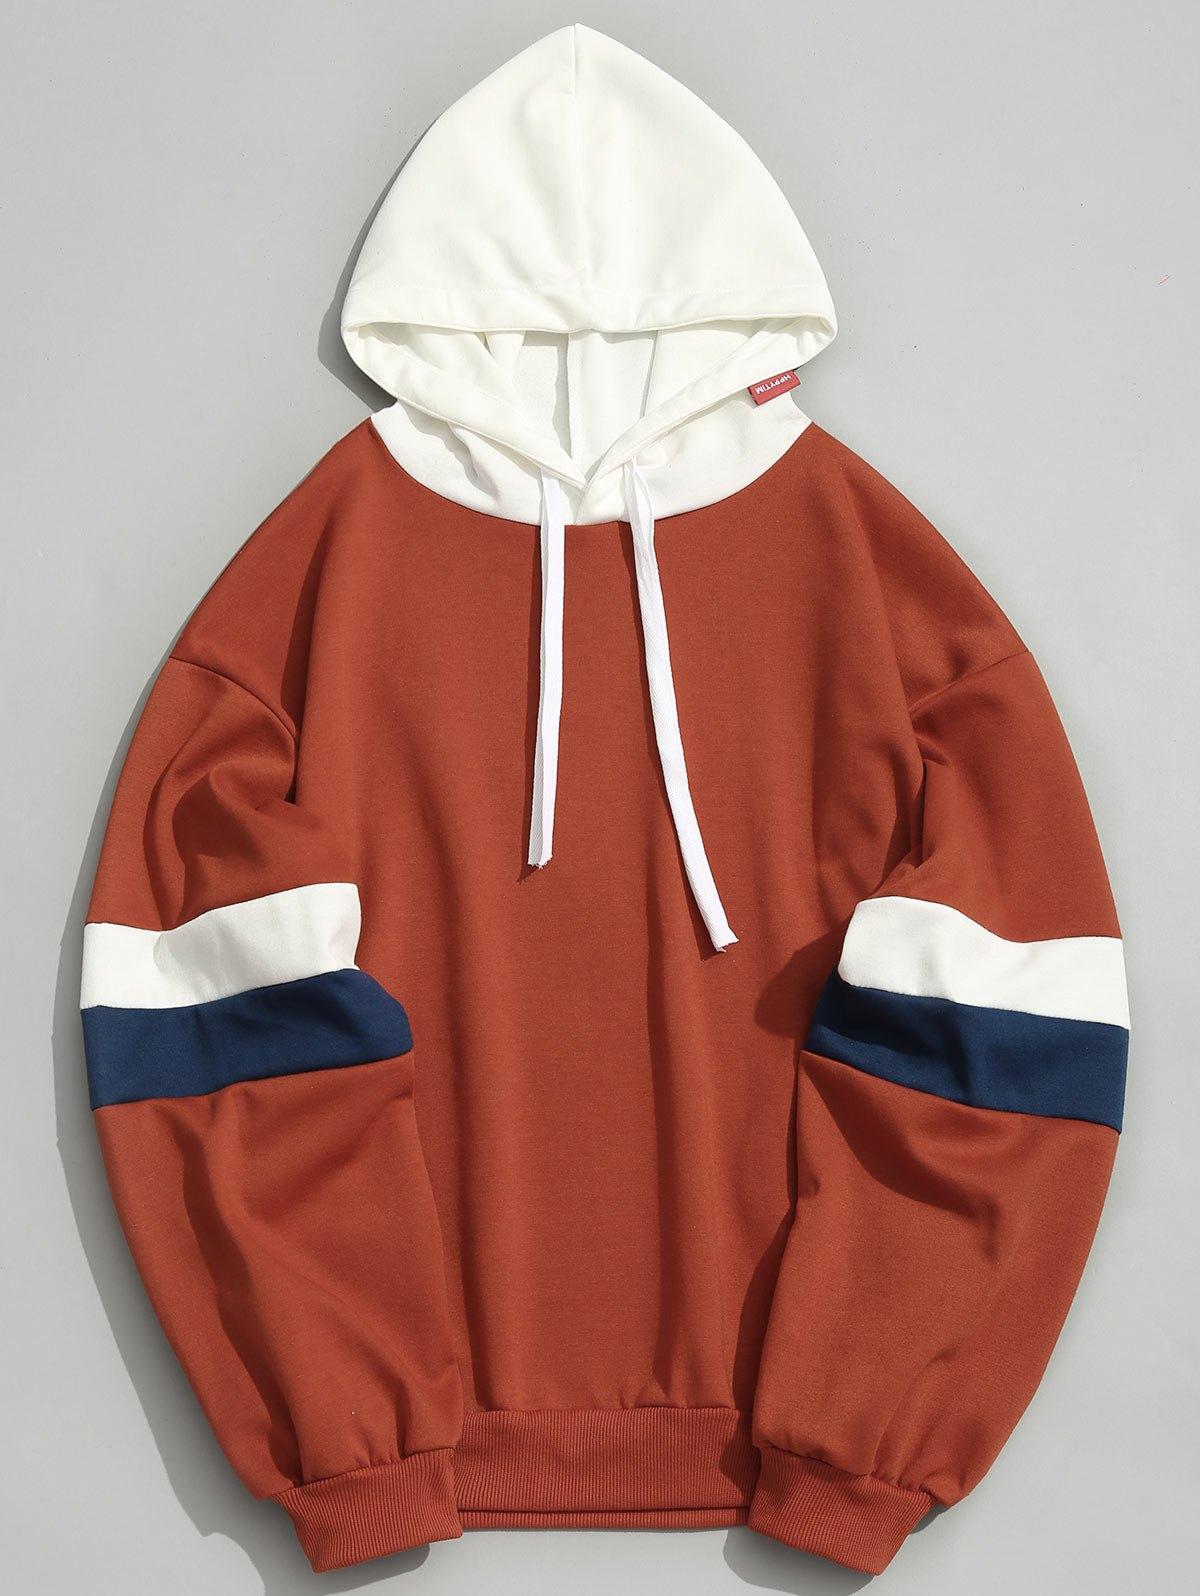 47% RABATT] 2020 Taschen Farbblock Hoodie Männer Kleidung In